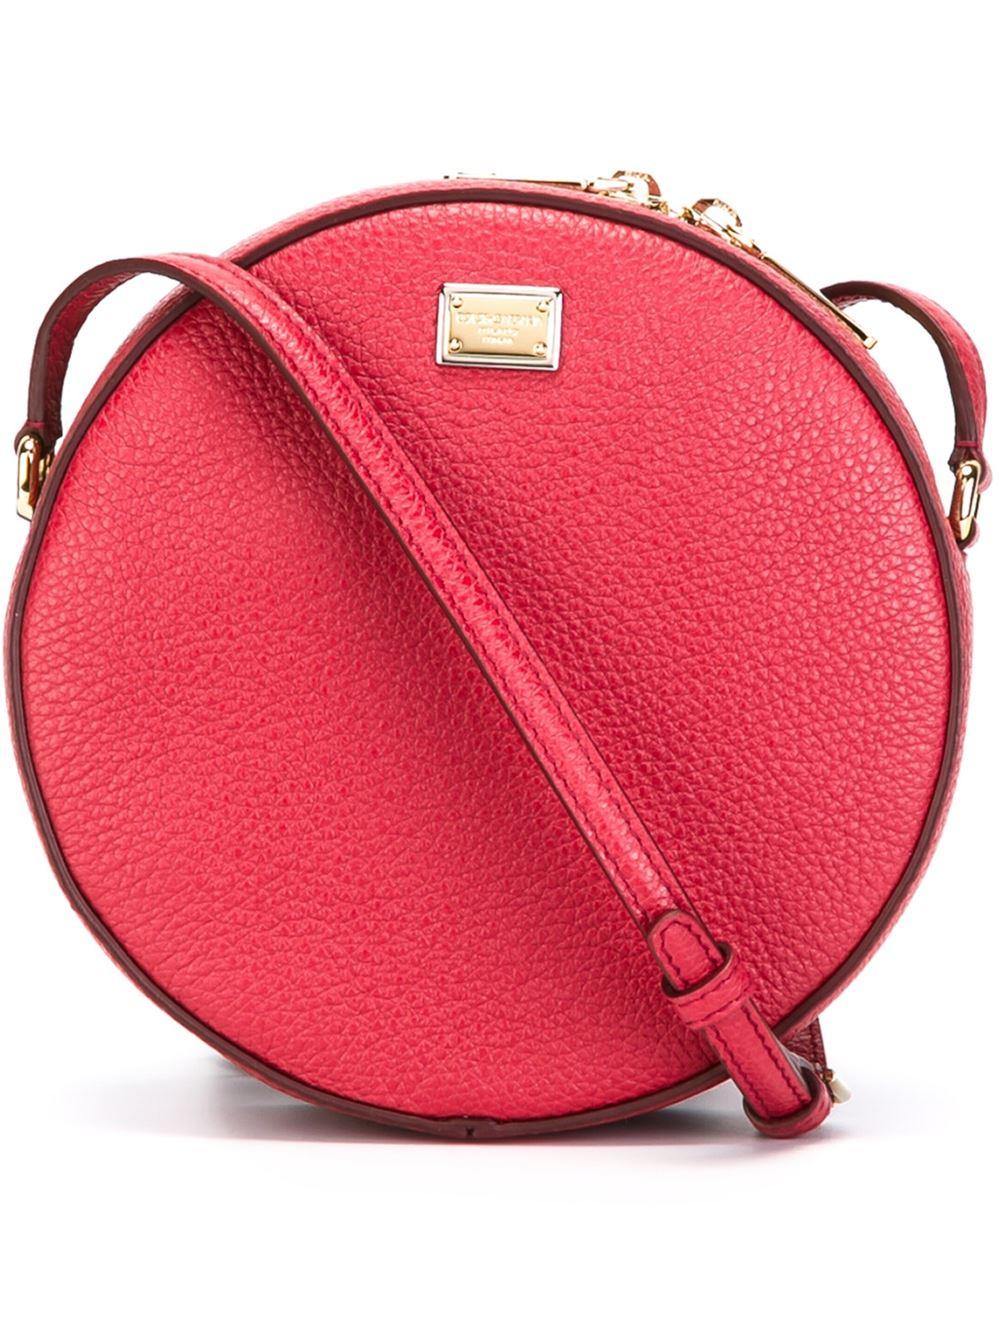 234f0bcb3c96 Dolce   Gabbana Anna Mini Bag in Red - Lyst